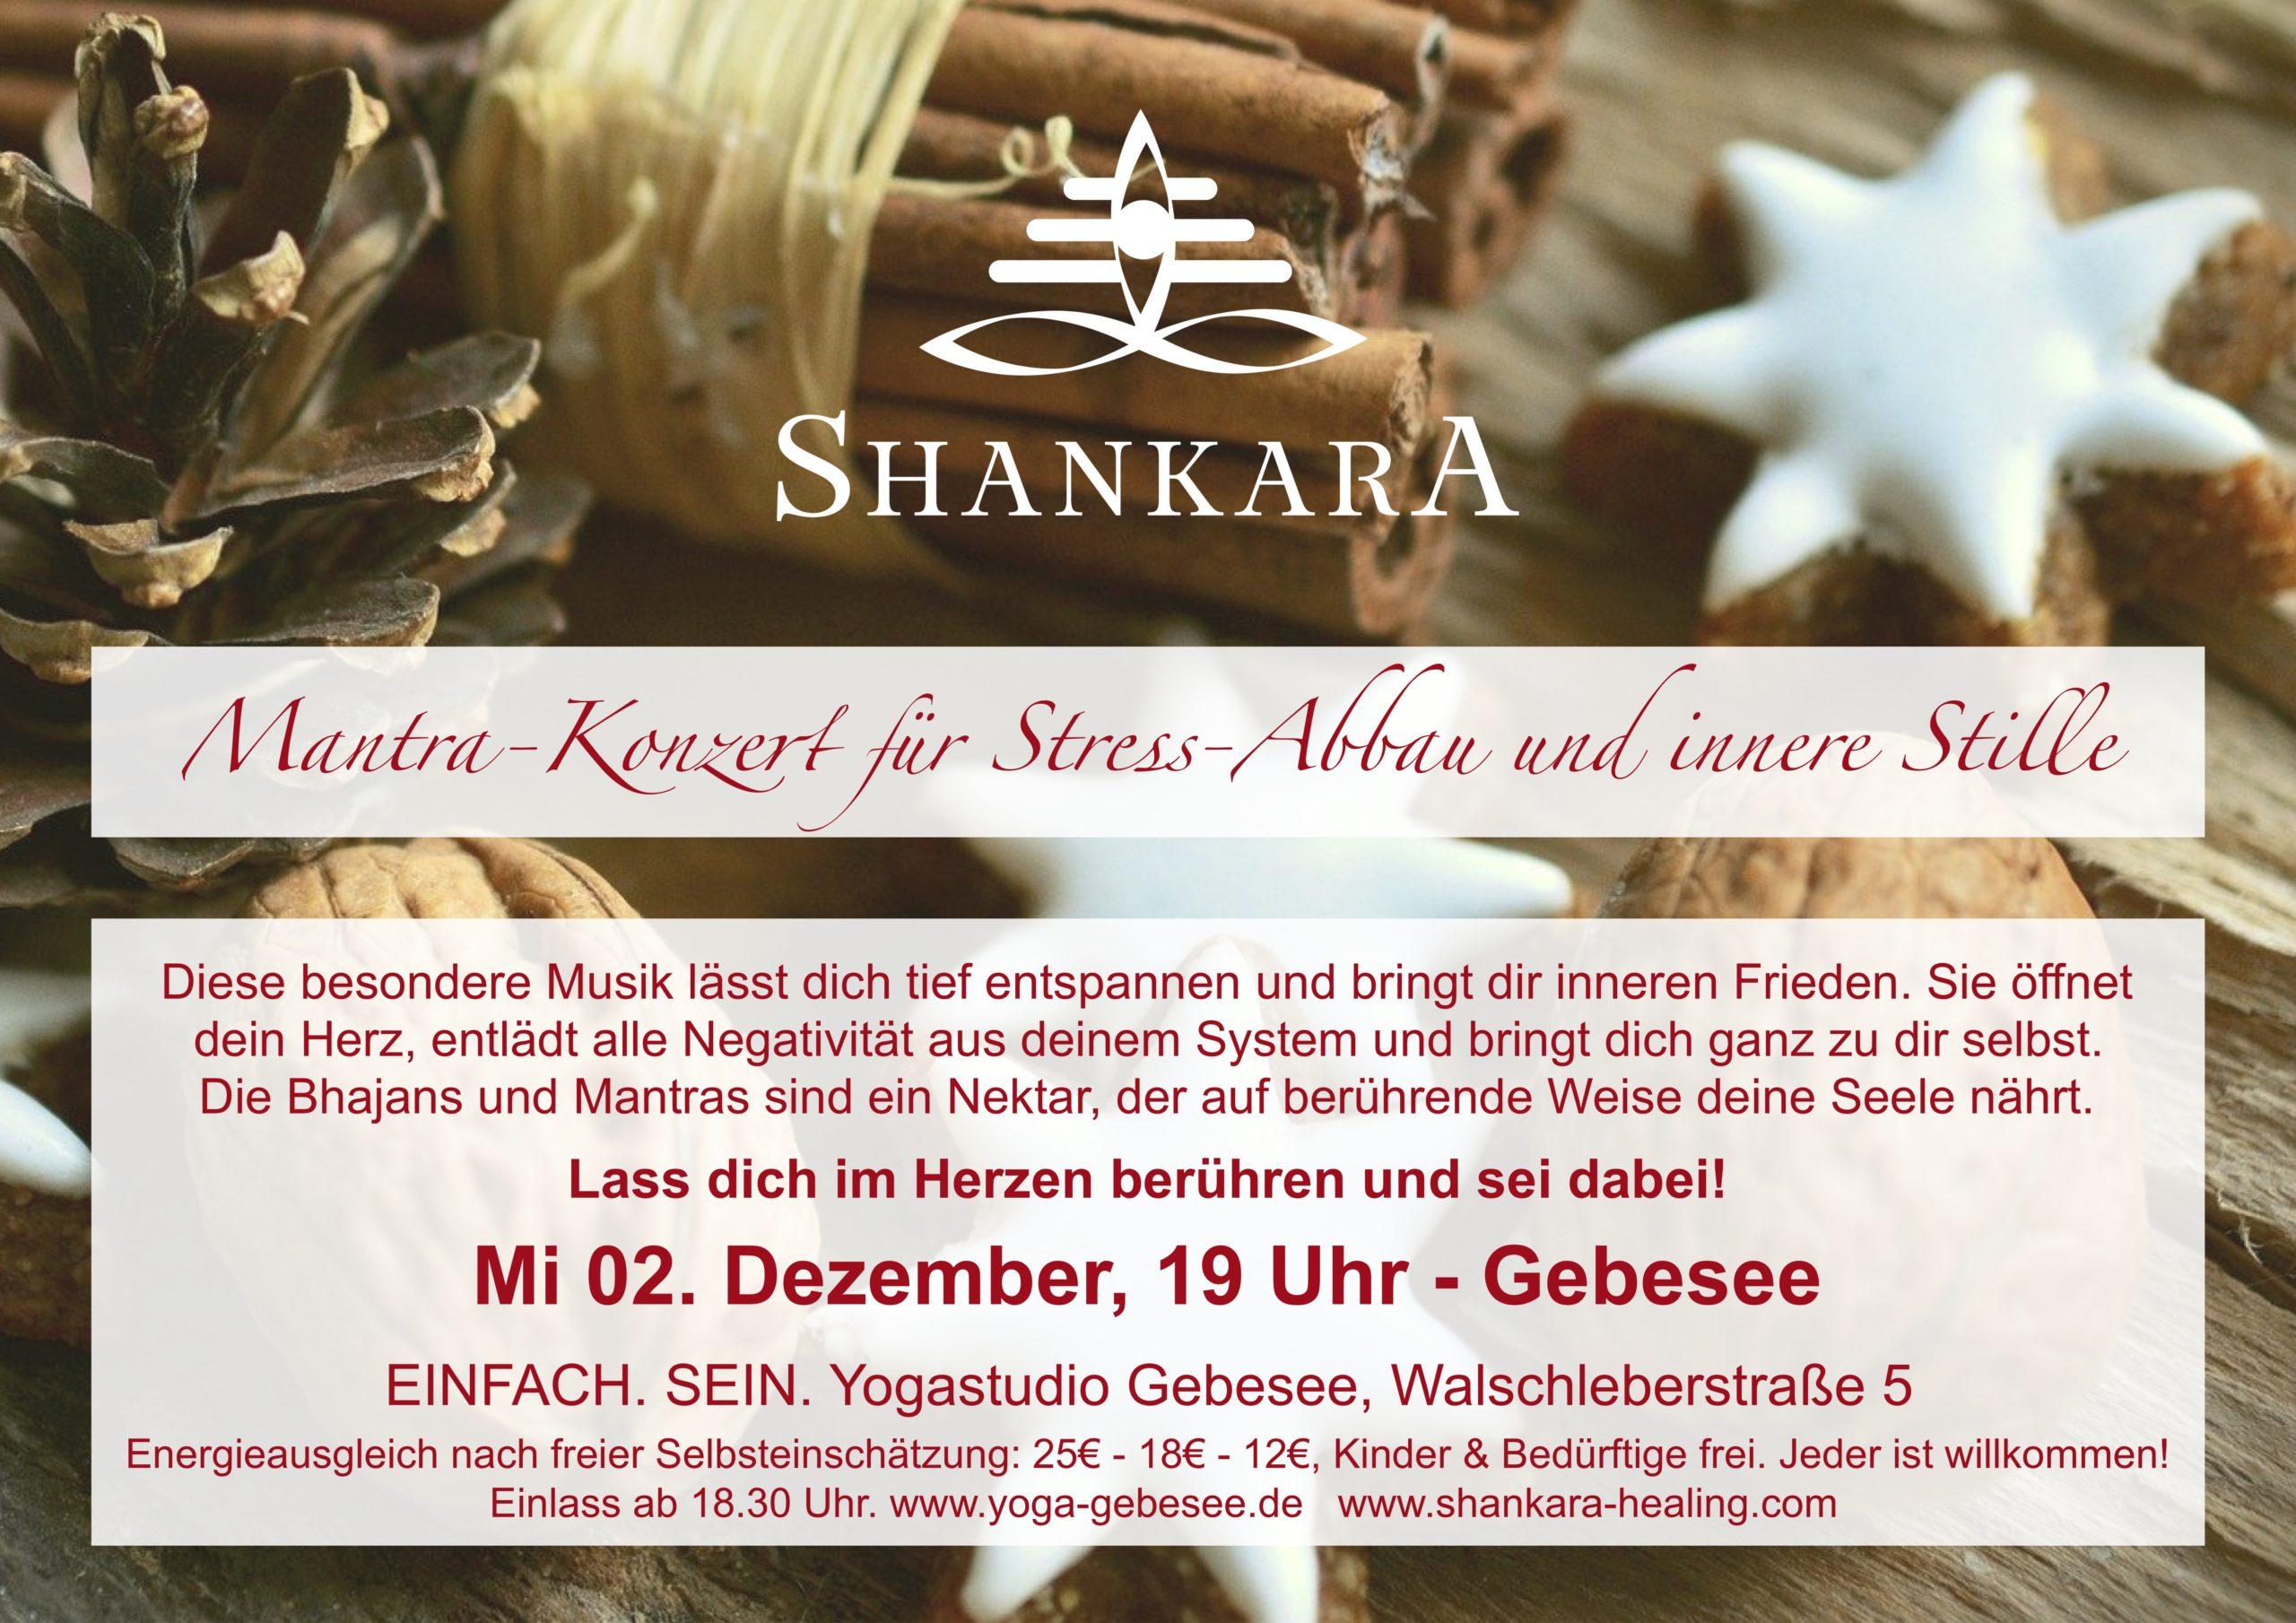 Mantra-Konzert für Angst-Abbau und innere Stille